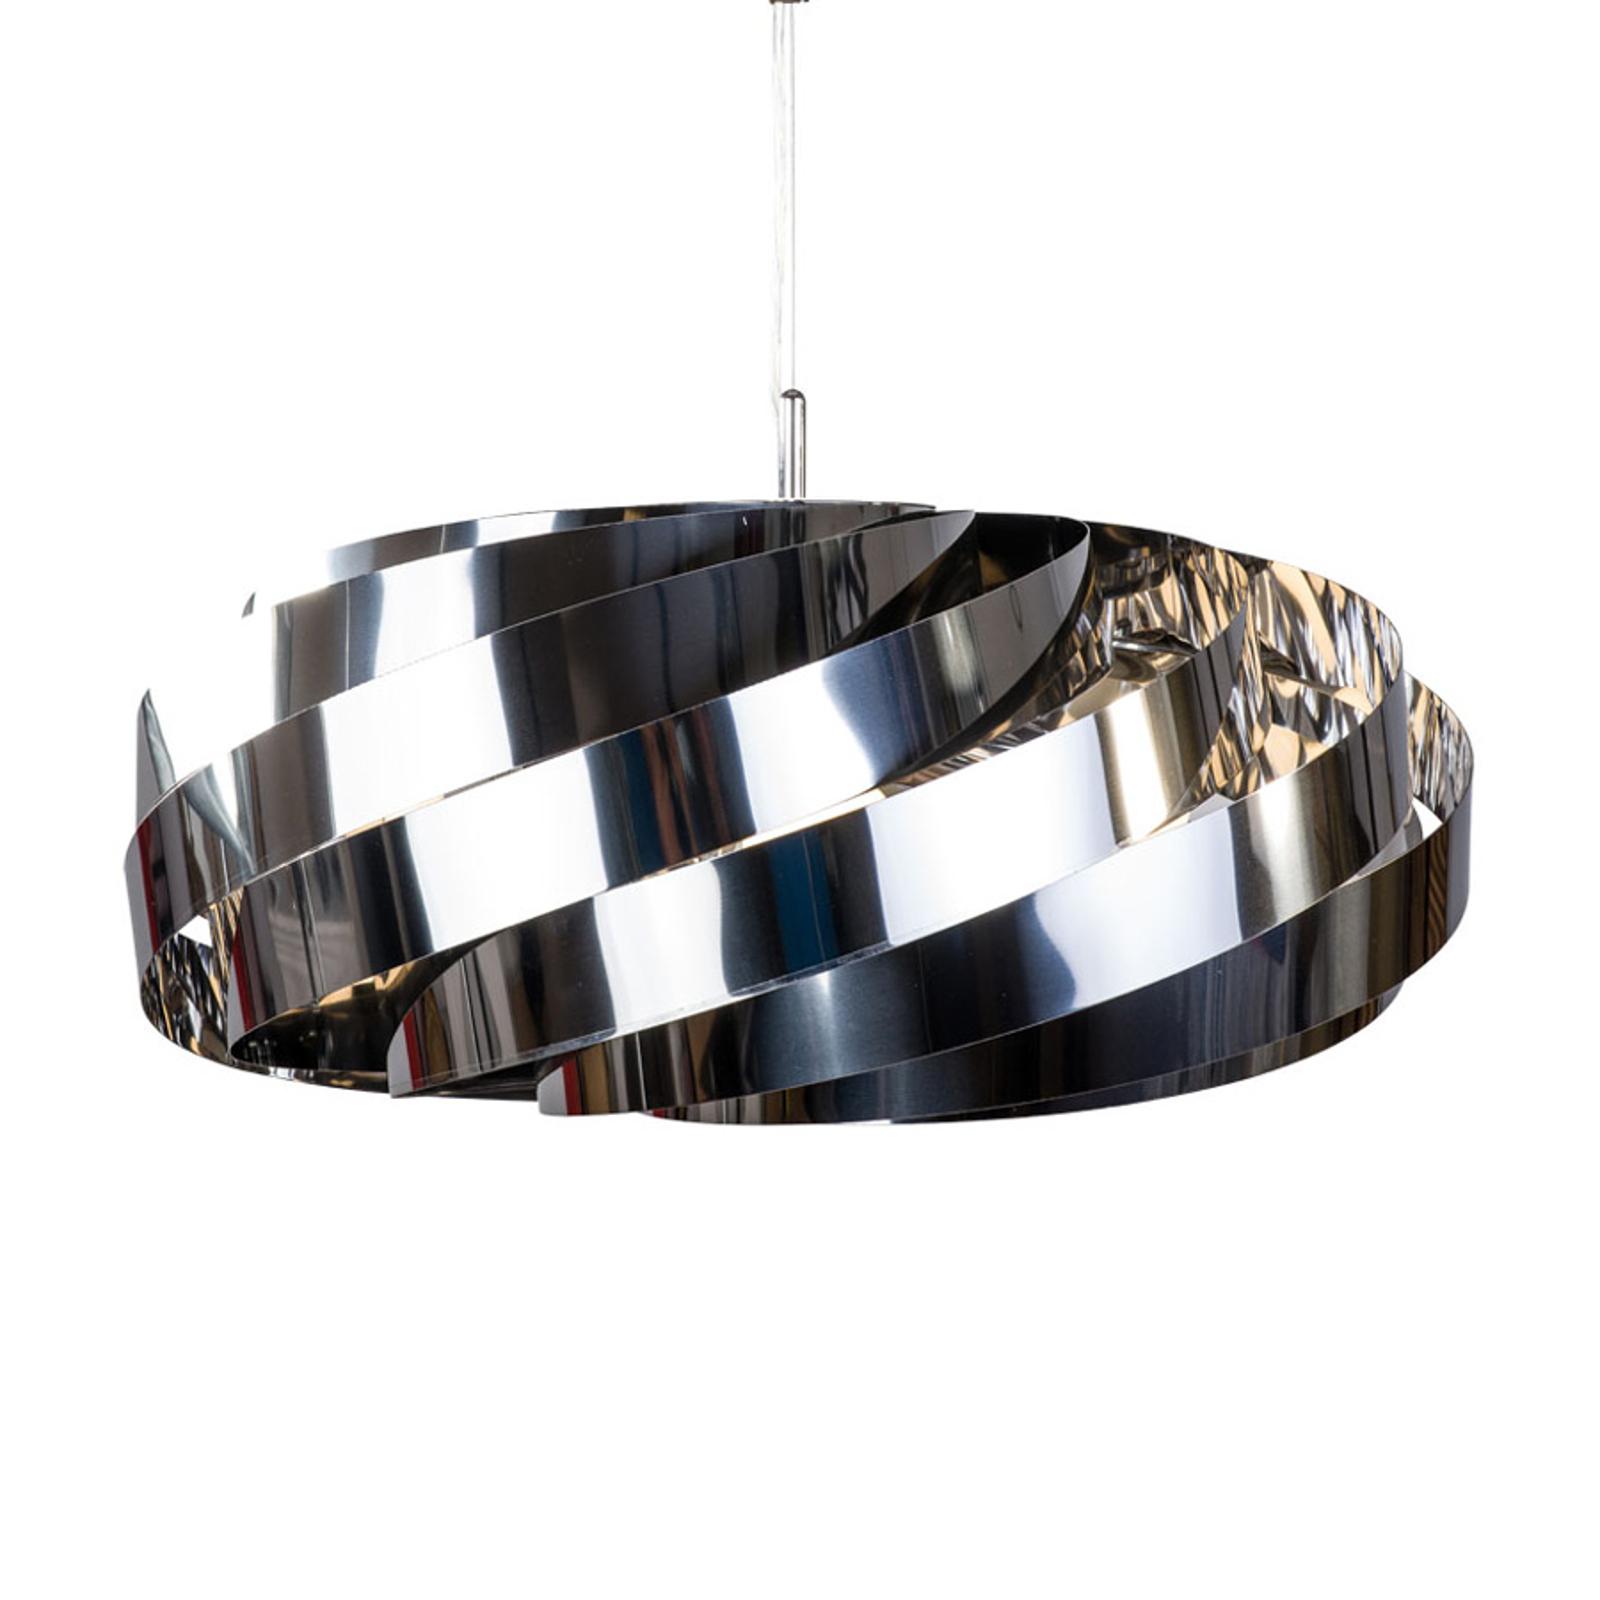 Lampa wisząca Vento chromowo-niklowa Ø 60 cm